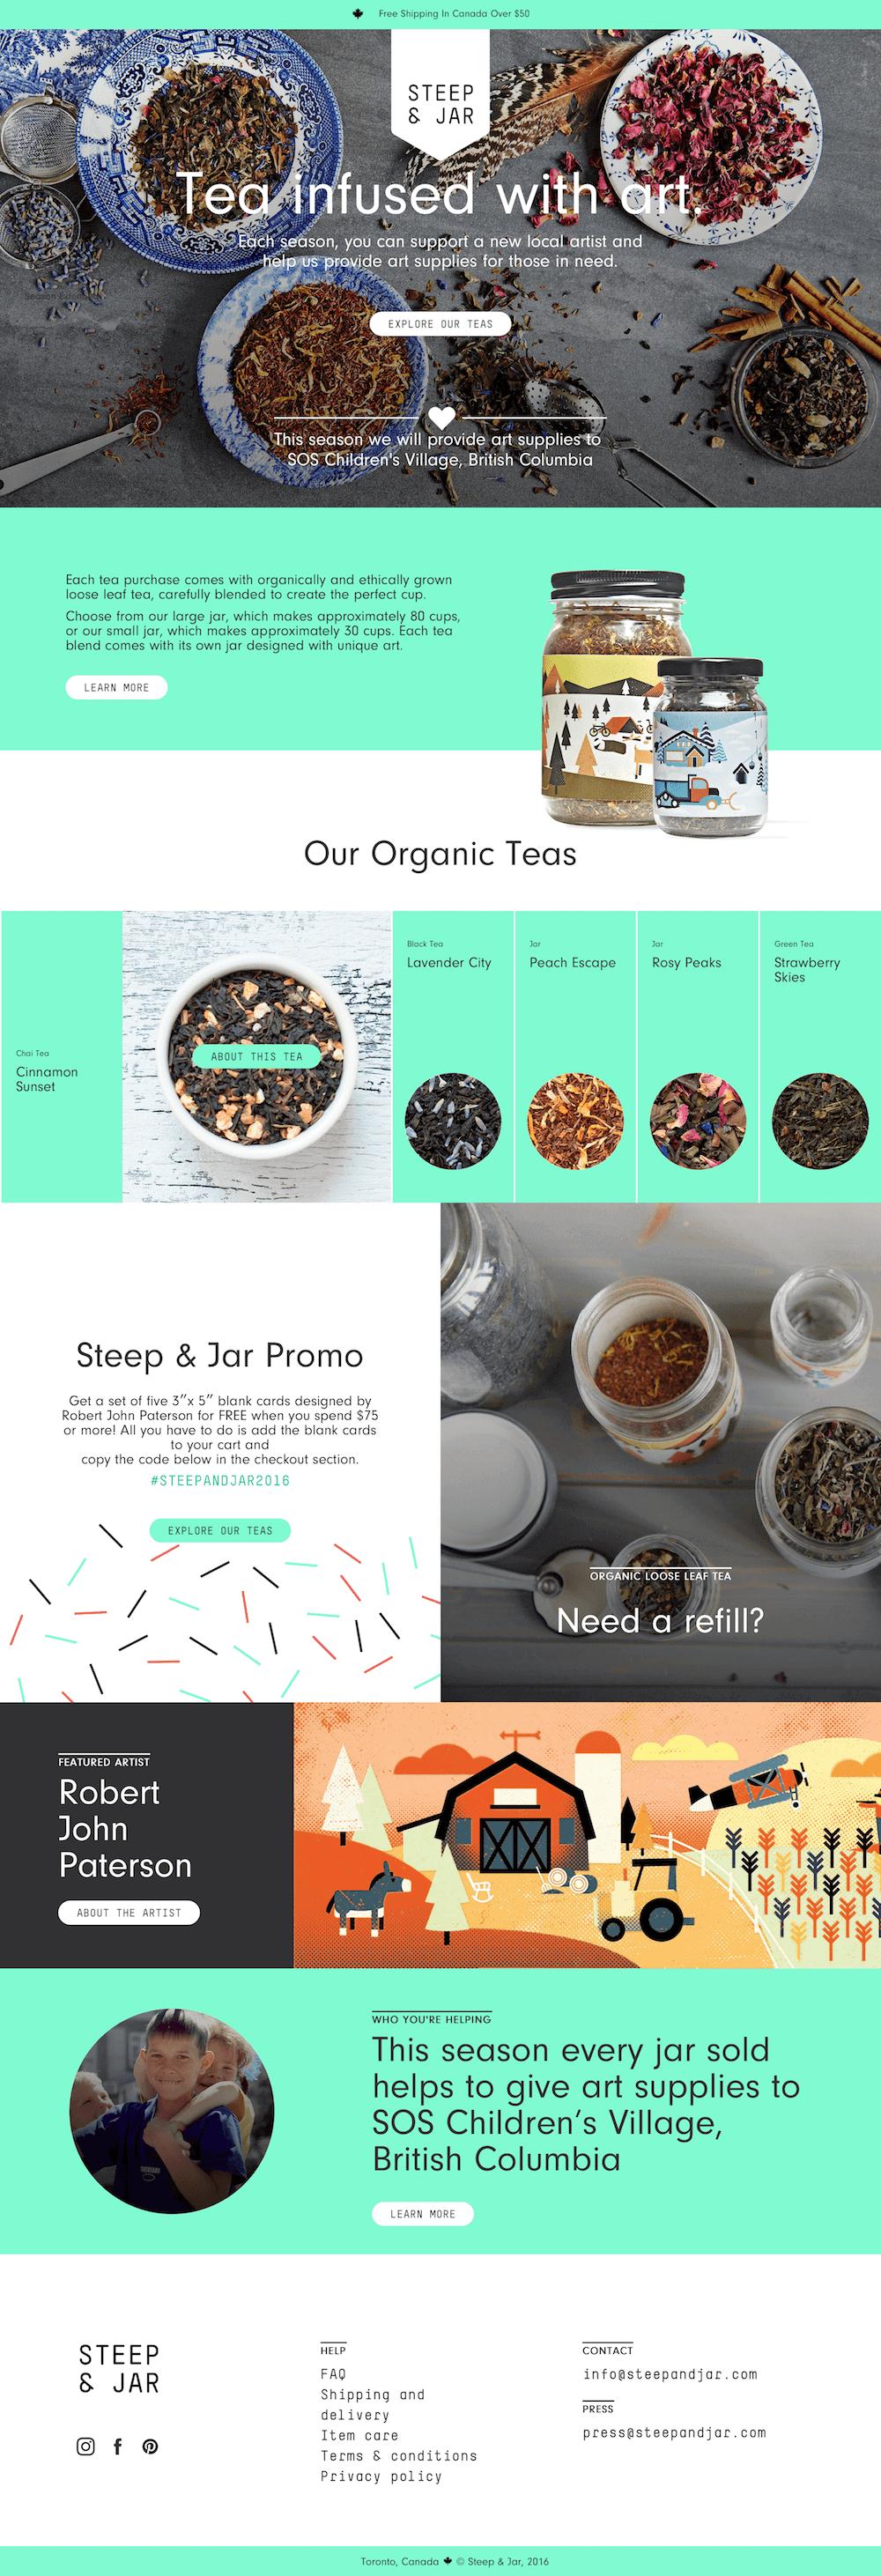 Steep & Jar